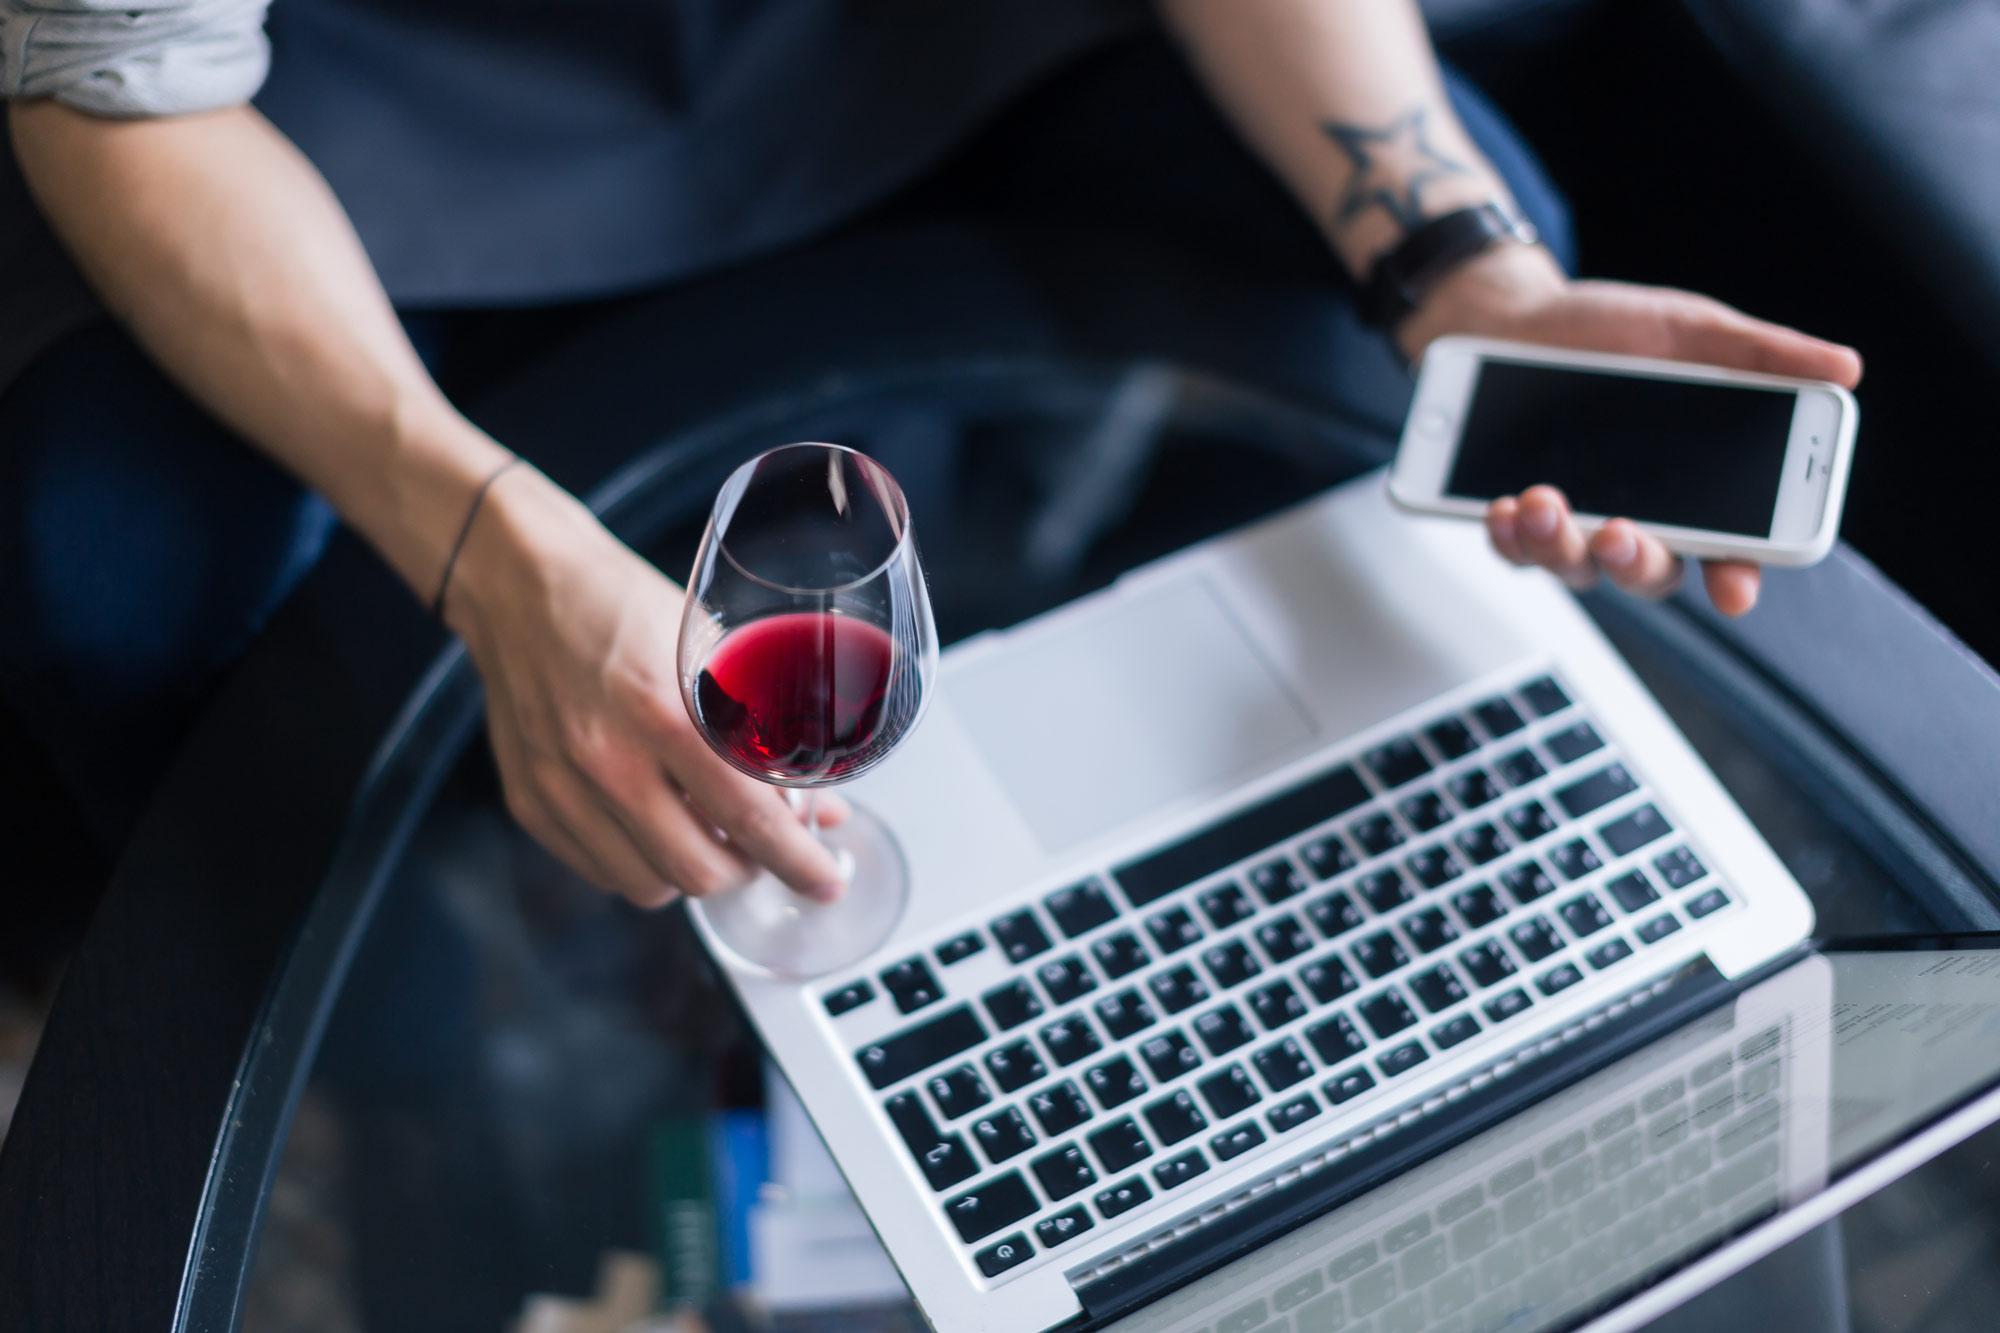 Le vendite a distanza del vino nell'UE – spedizioni e prove alternative